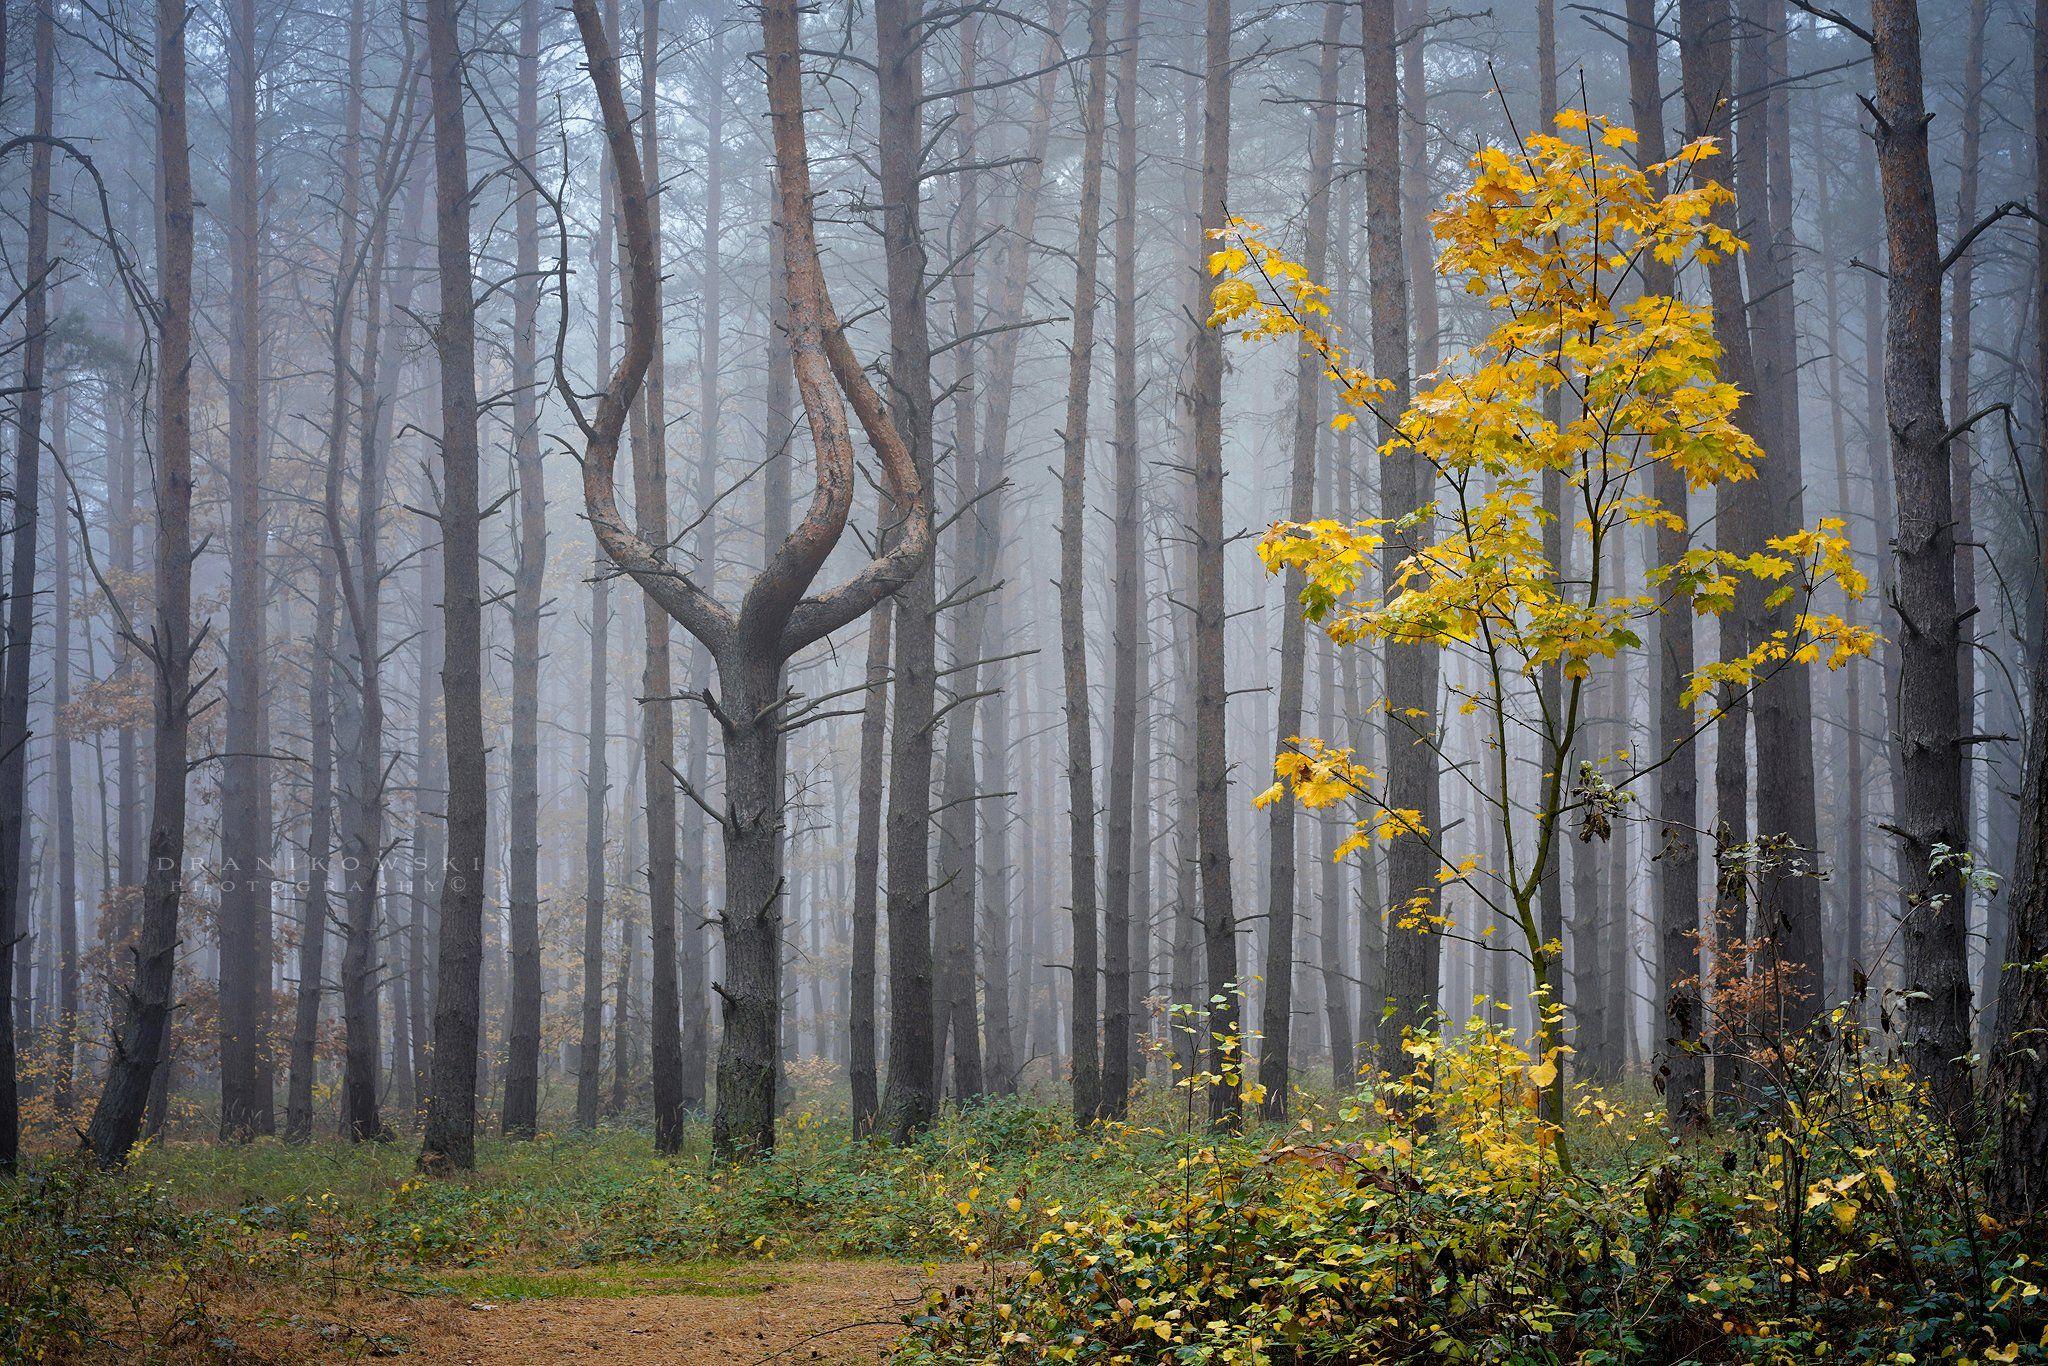 queen forest magic tree mysterious tree dranikowski trees pine foggy mist las, Radoslaw Dranikowski